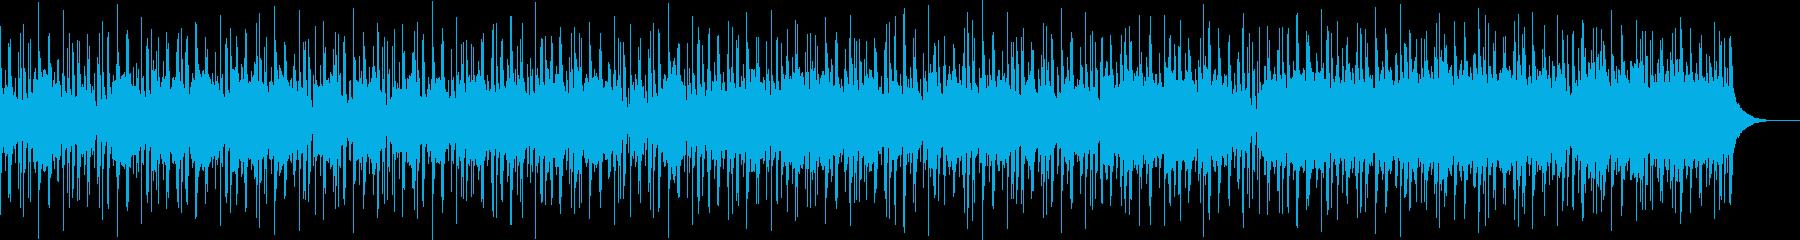 ブルージーなピアノとオーケストラの...の再生済みの波形